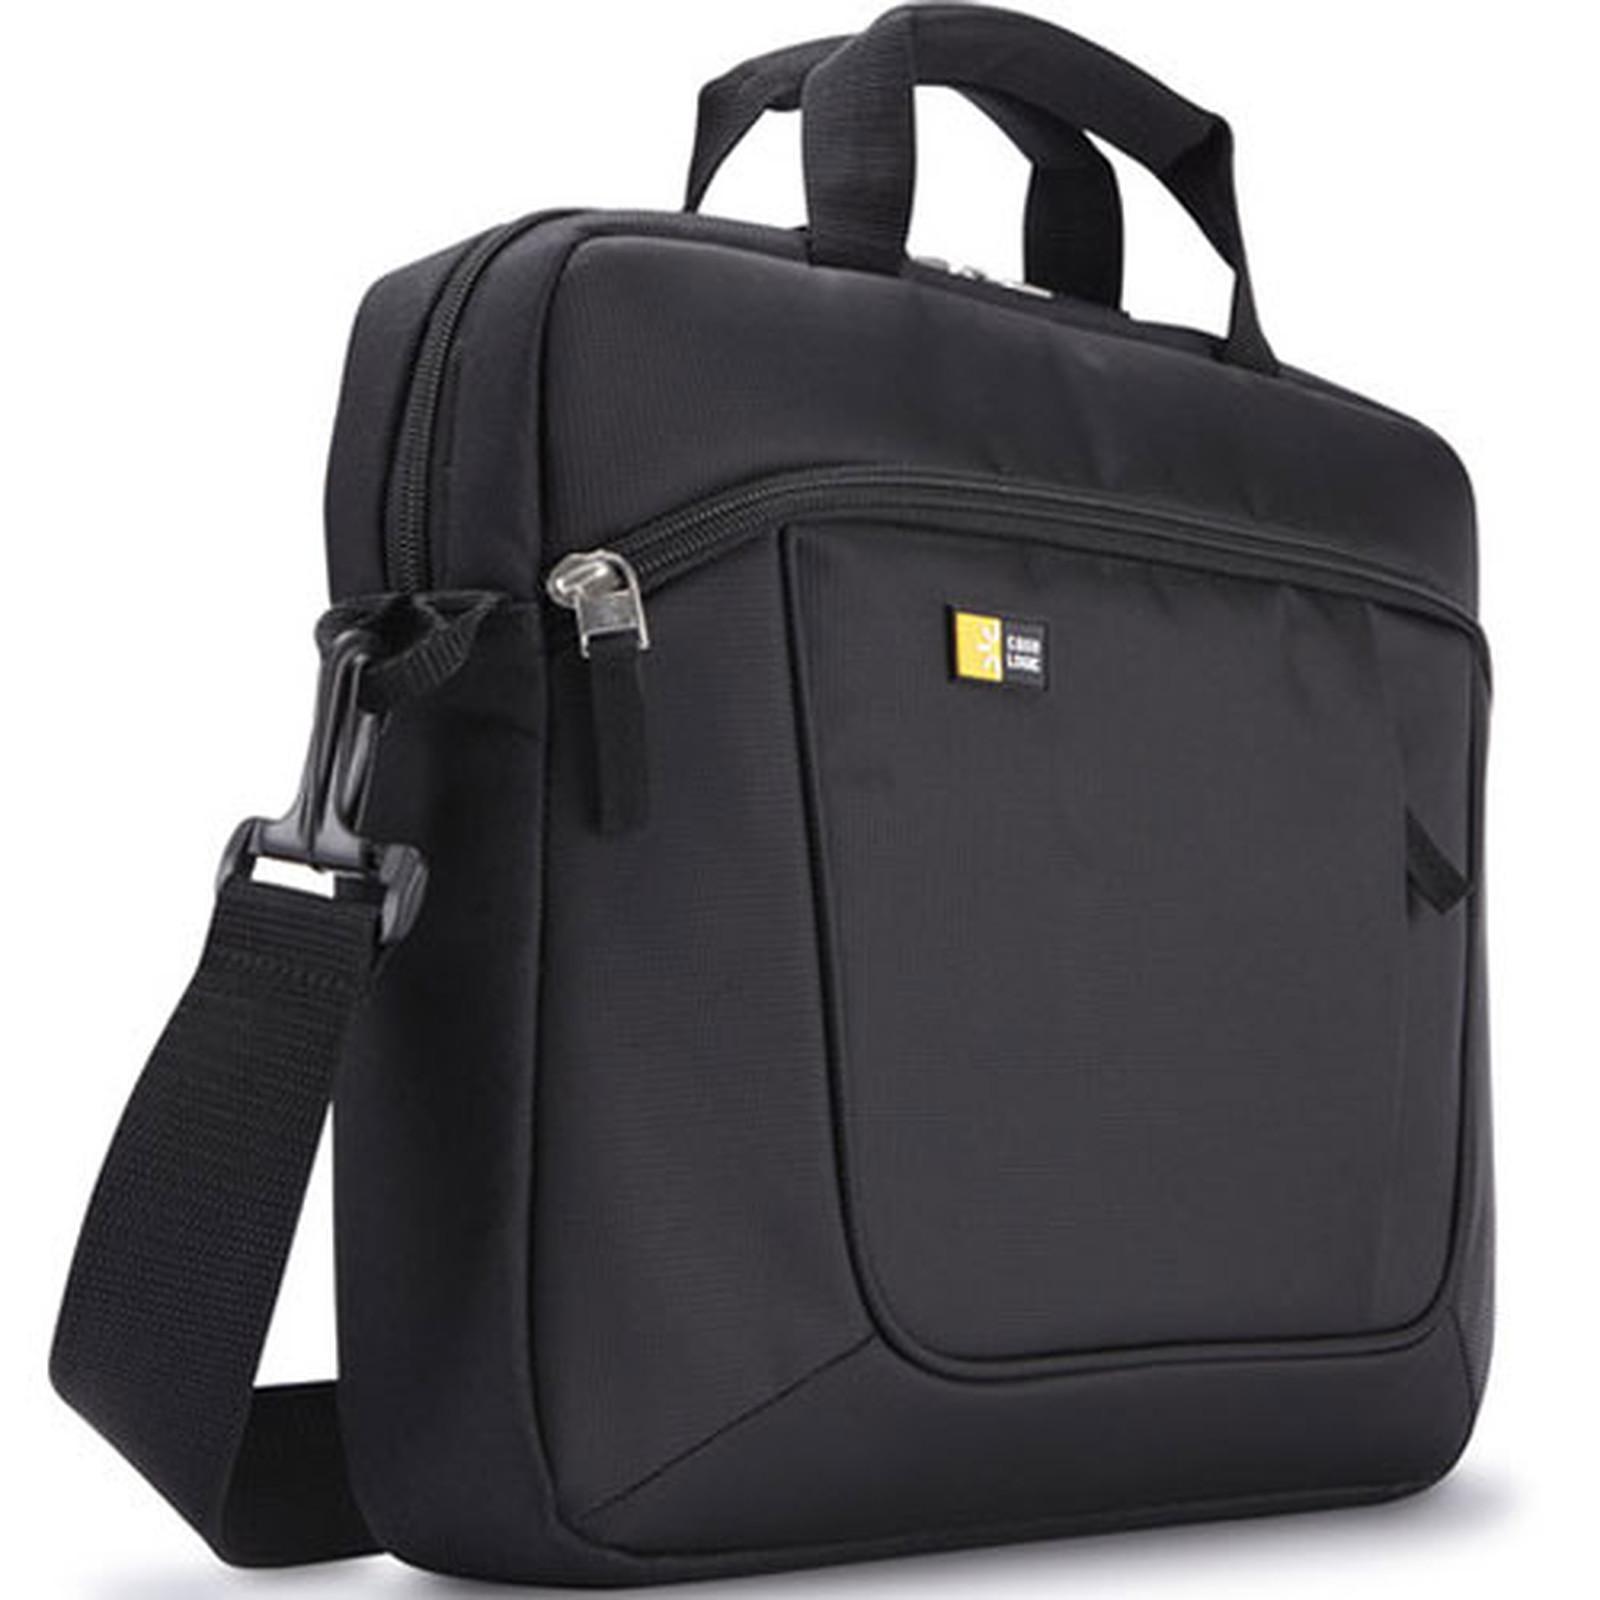 11455b25e6 Case Logic AUA-316 Sacoche pour ordinateur portable (jusqu'à 15.6